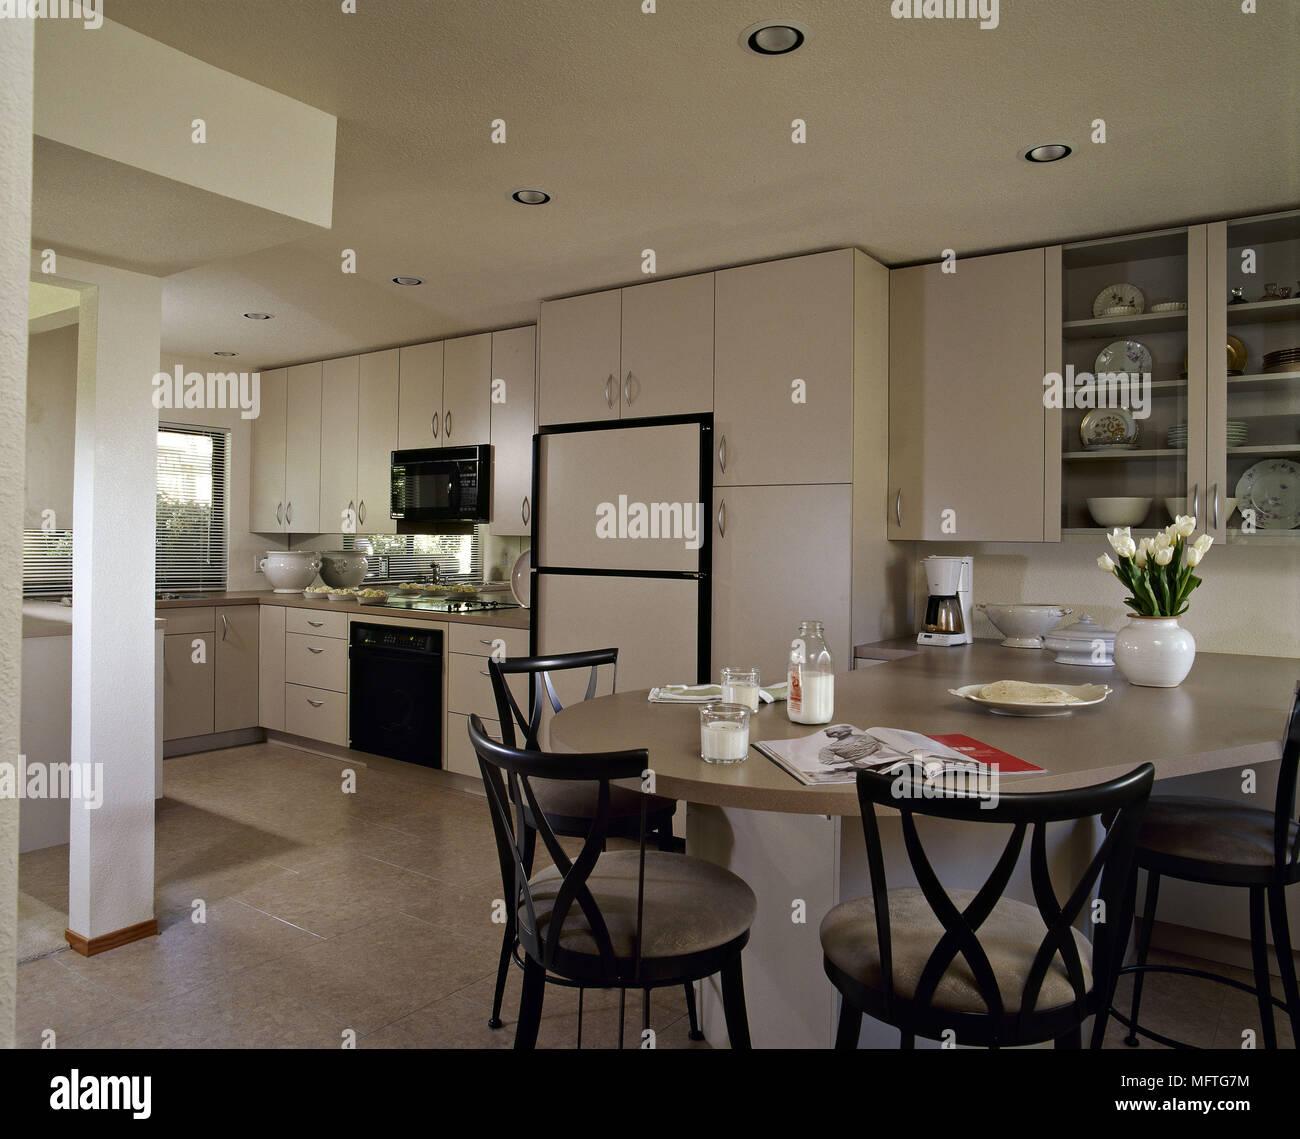 Großartig Kleiner Küchenecke Tisch Und Stühle Bilder - Ideen Für Die ...